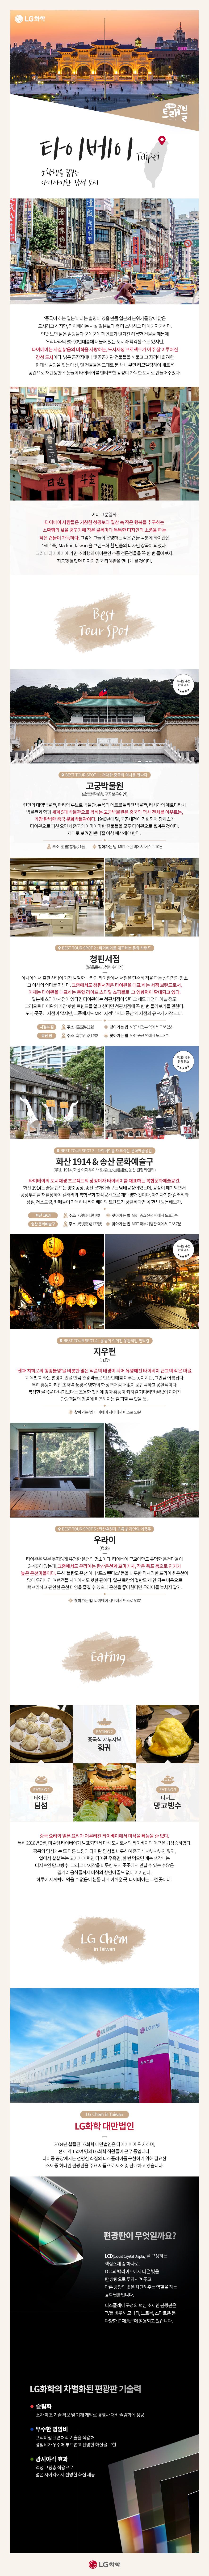 푸통푸통 타이베이. 소확행을 꿈꾸는 아기자기한 감성 도시